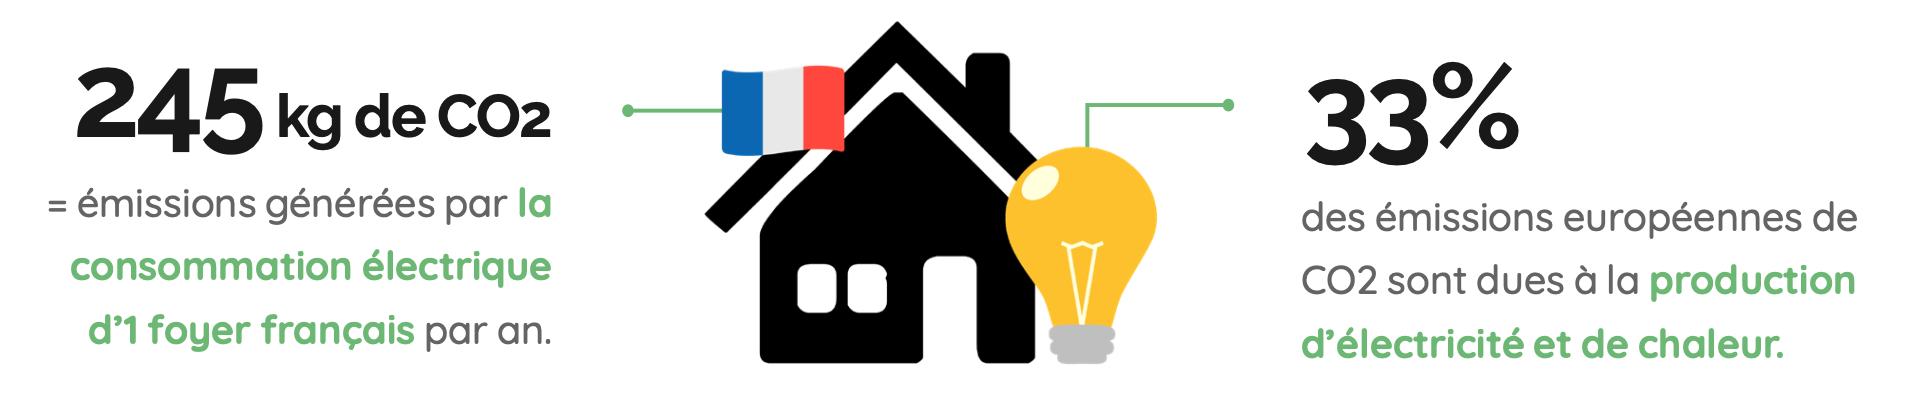 Emissions de CO2 générées par la consommation électrique des foyers